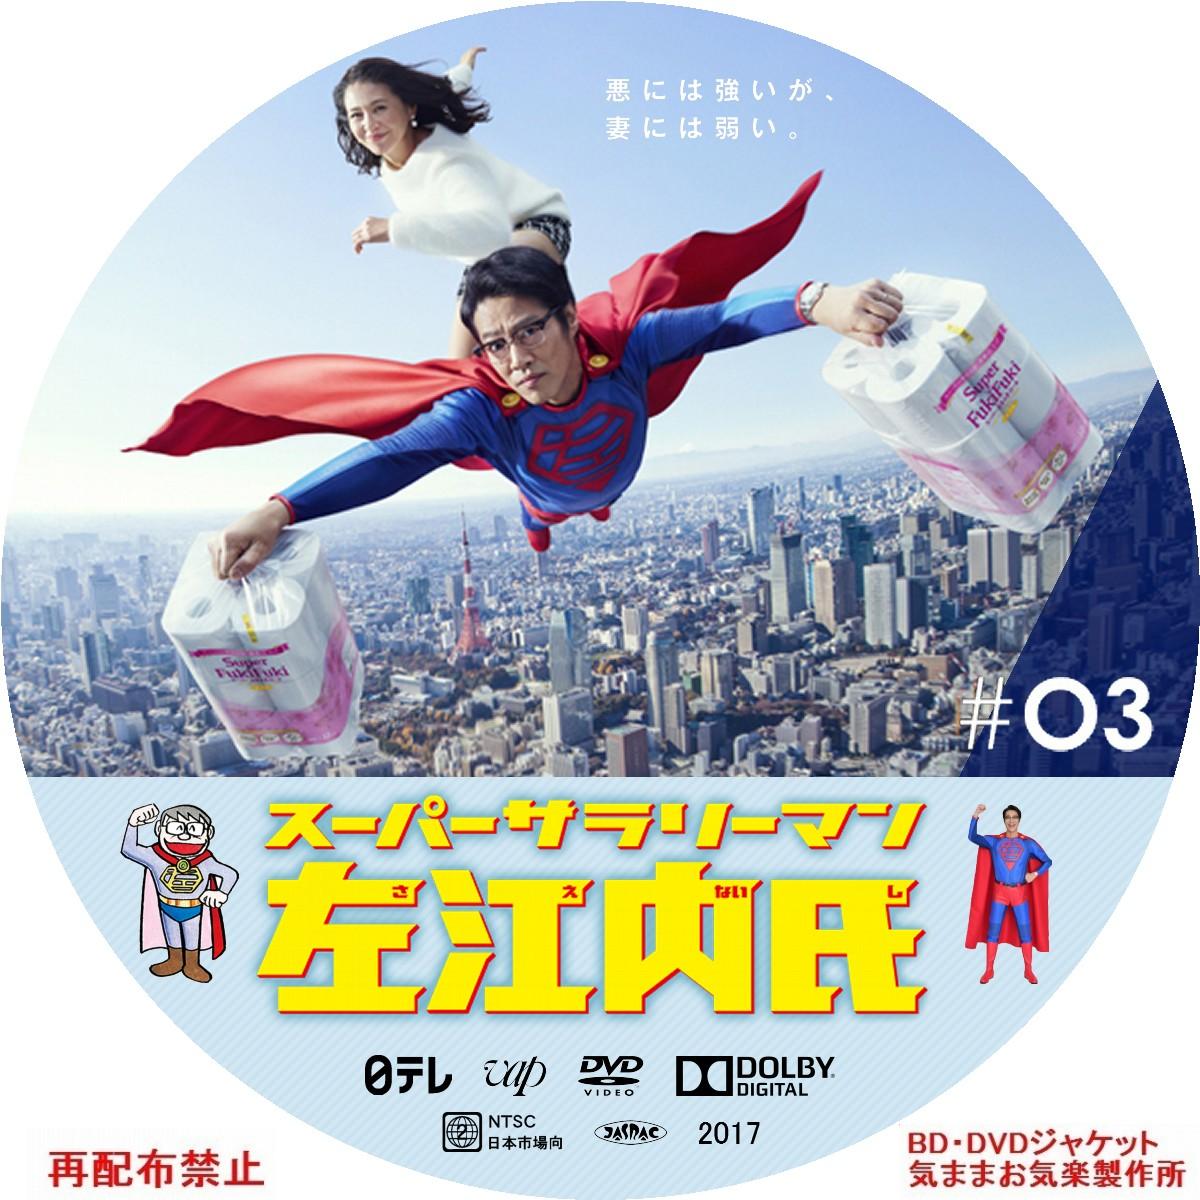 SS_Saenaishi_DVD03.jpg